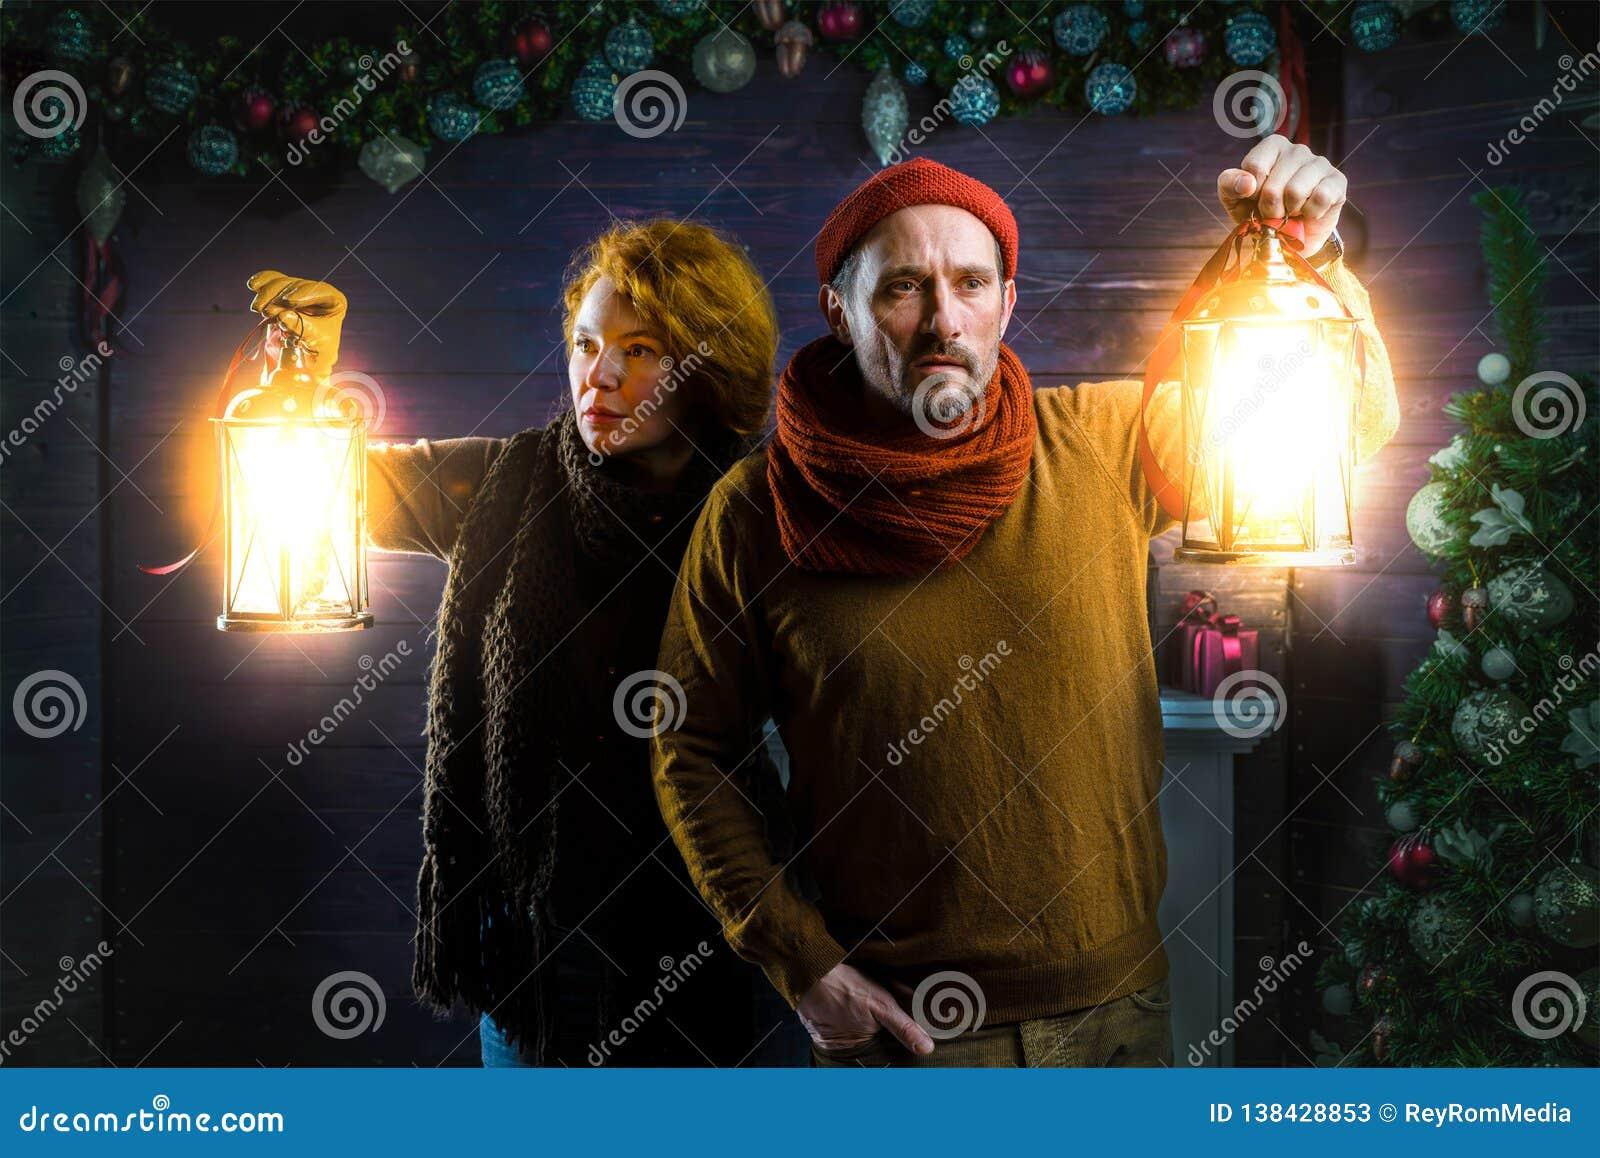 Συγκεντρωμένο ζεύγος που διερευνά το σπίτι χρησιμοποιώντας τα φανάρια χεριών